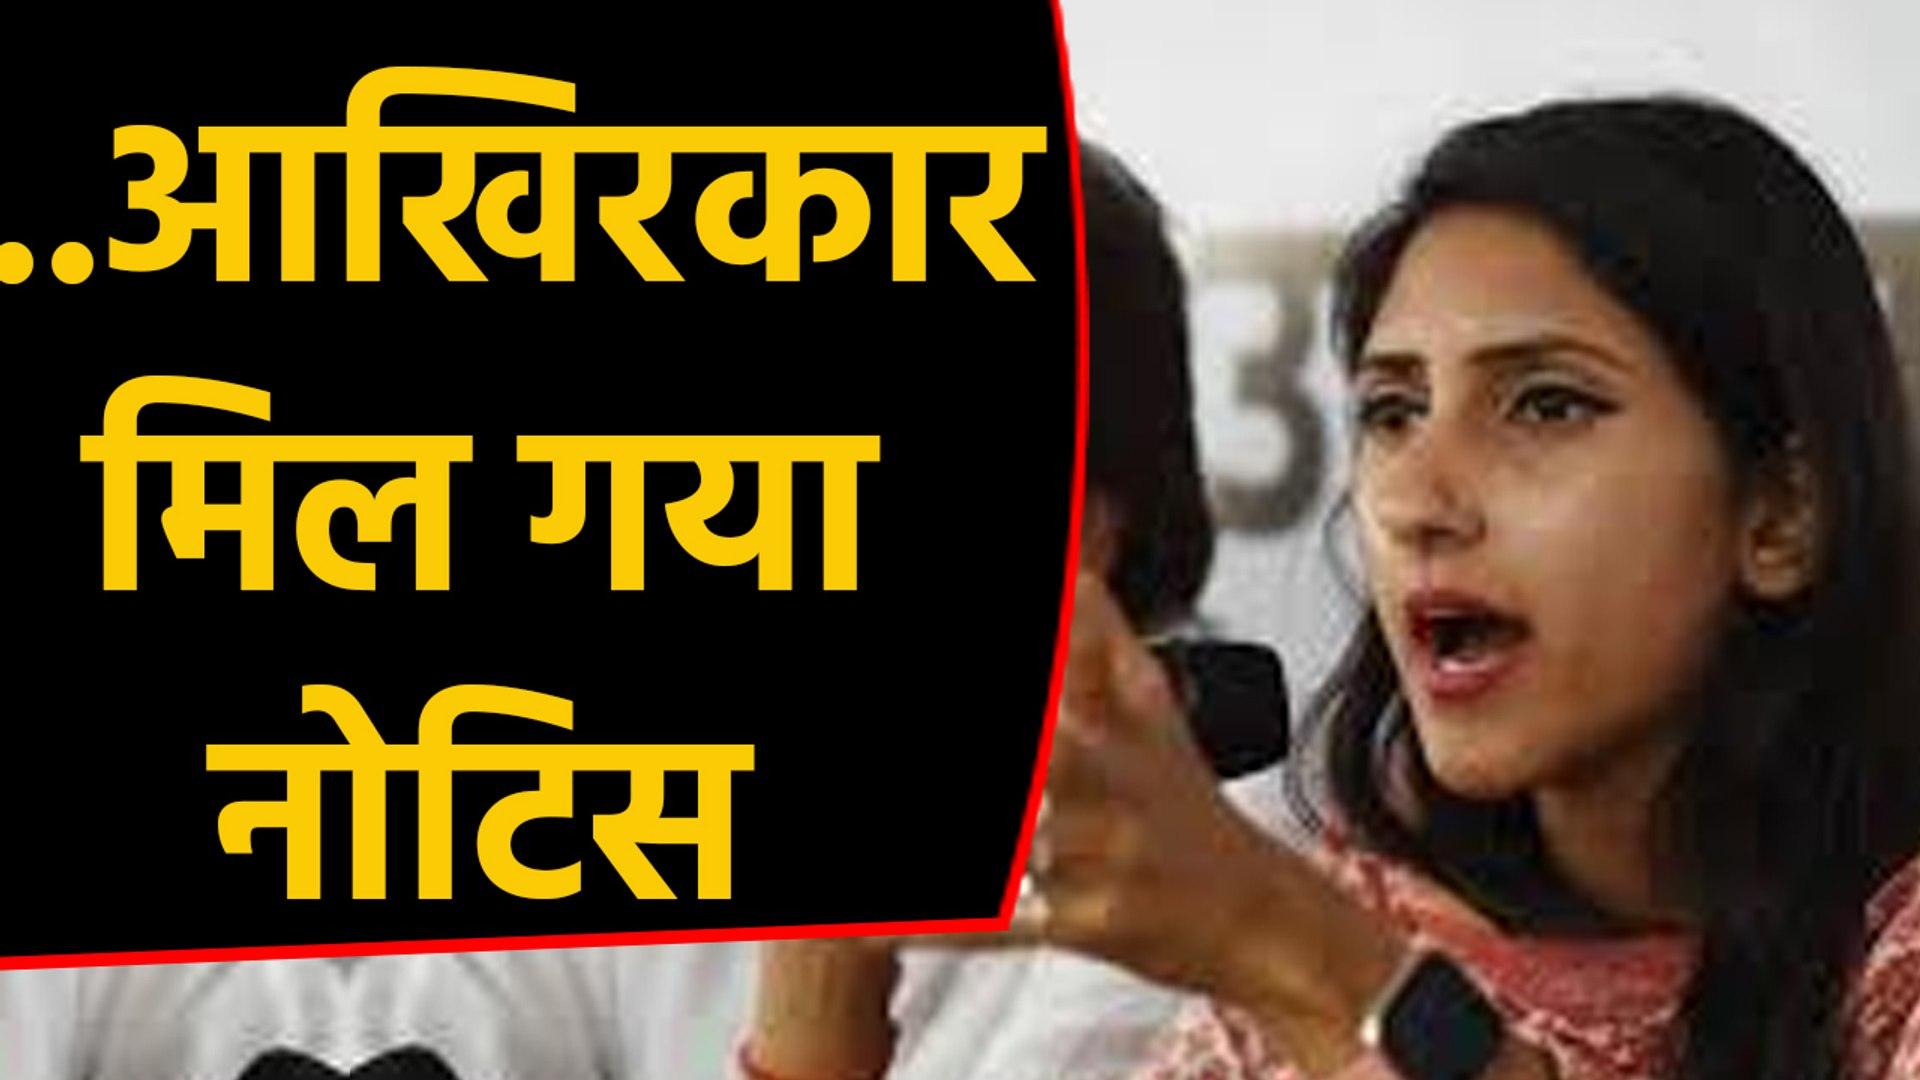 Congress विधायक Aditi Singh को Notice, Party ने दो दिन में जवाब देने को कहा  | वनइंडिया हिंदी